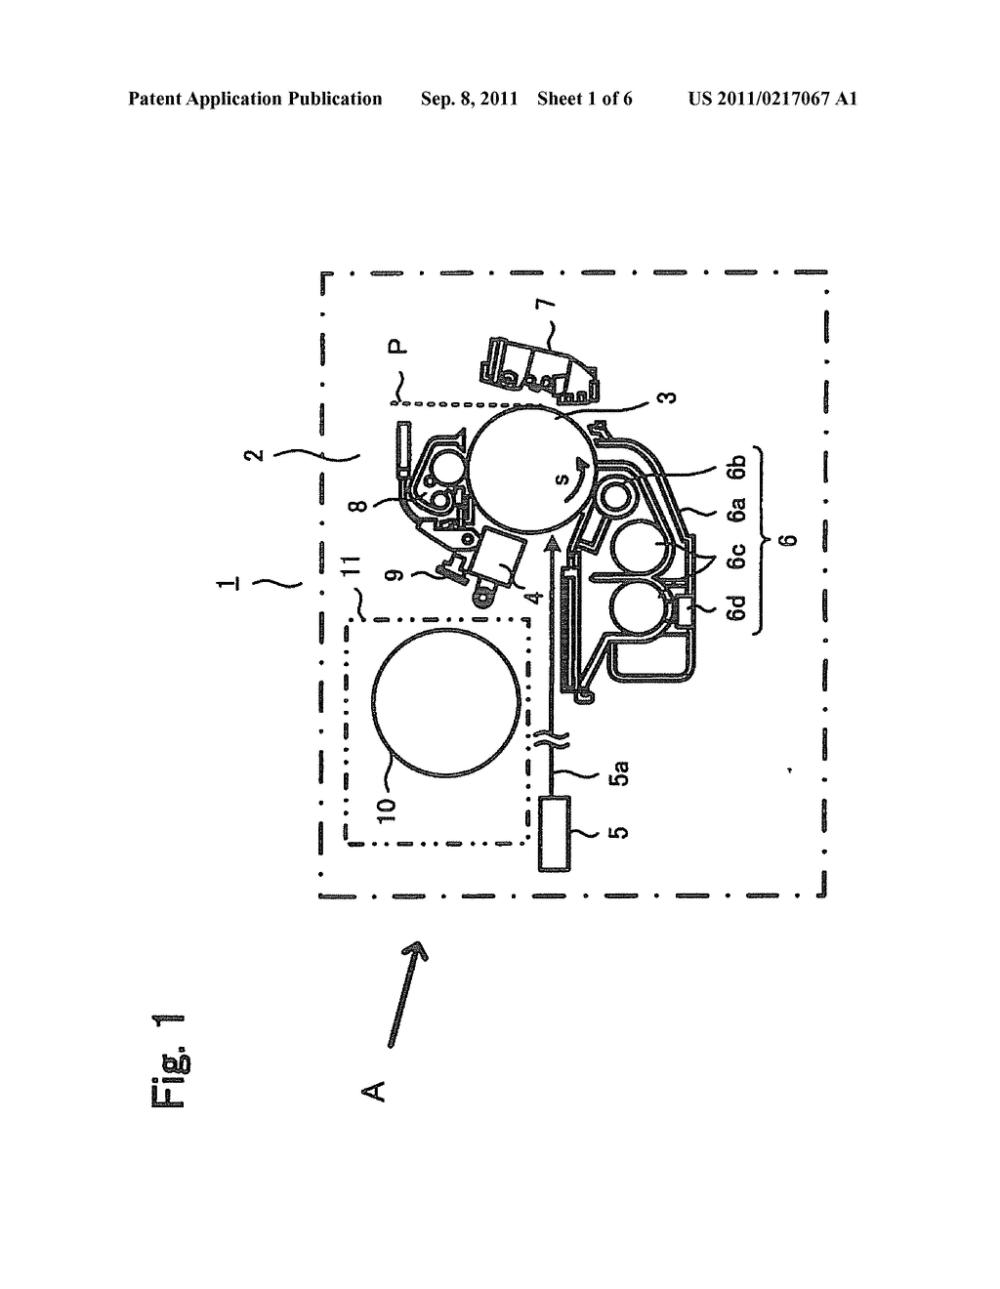 medium resolution of toner cartridge diagram